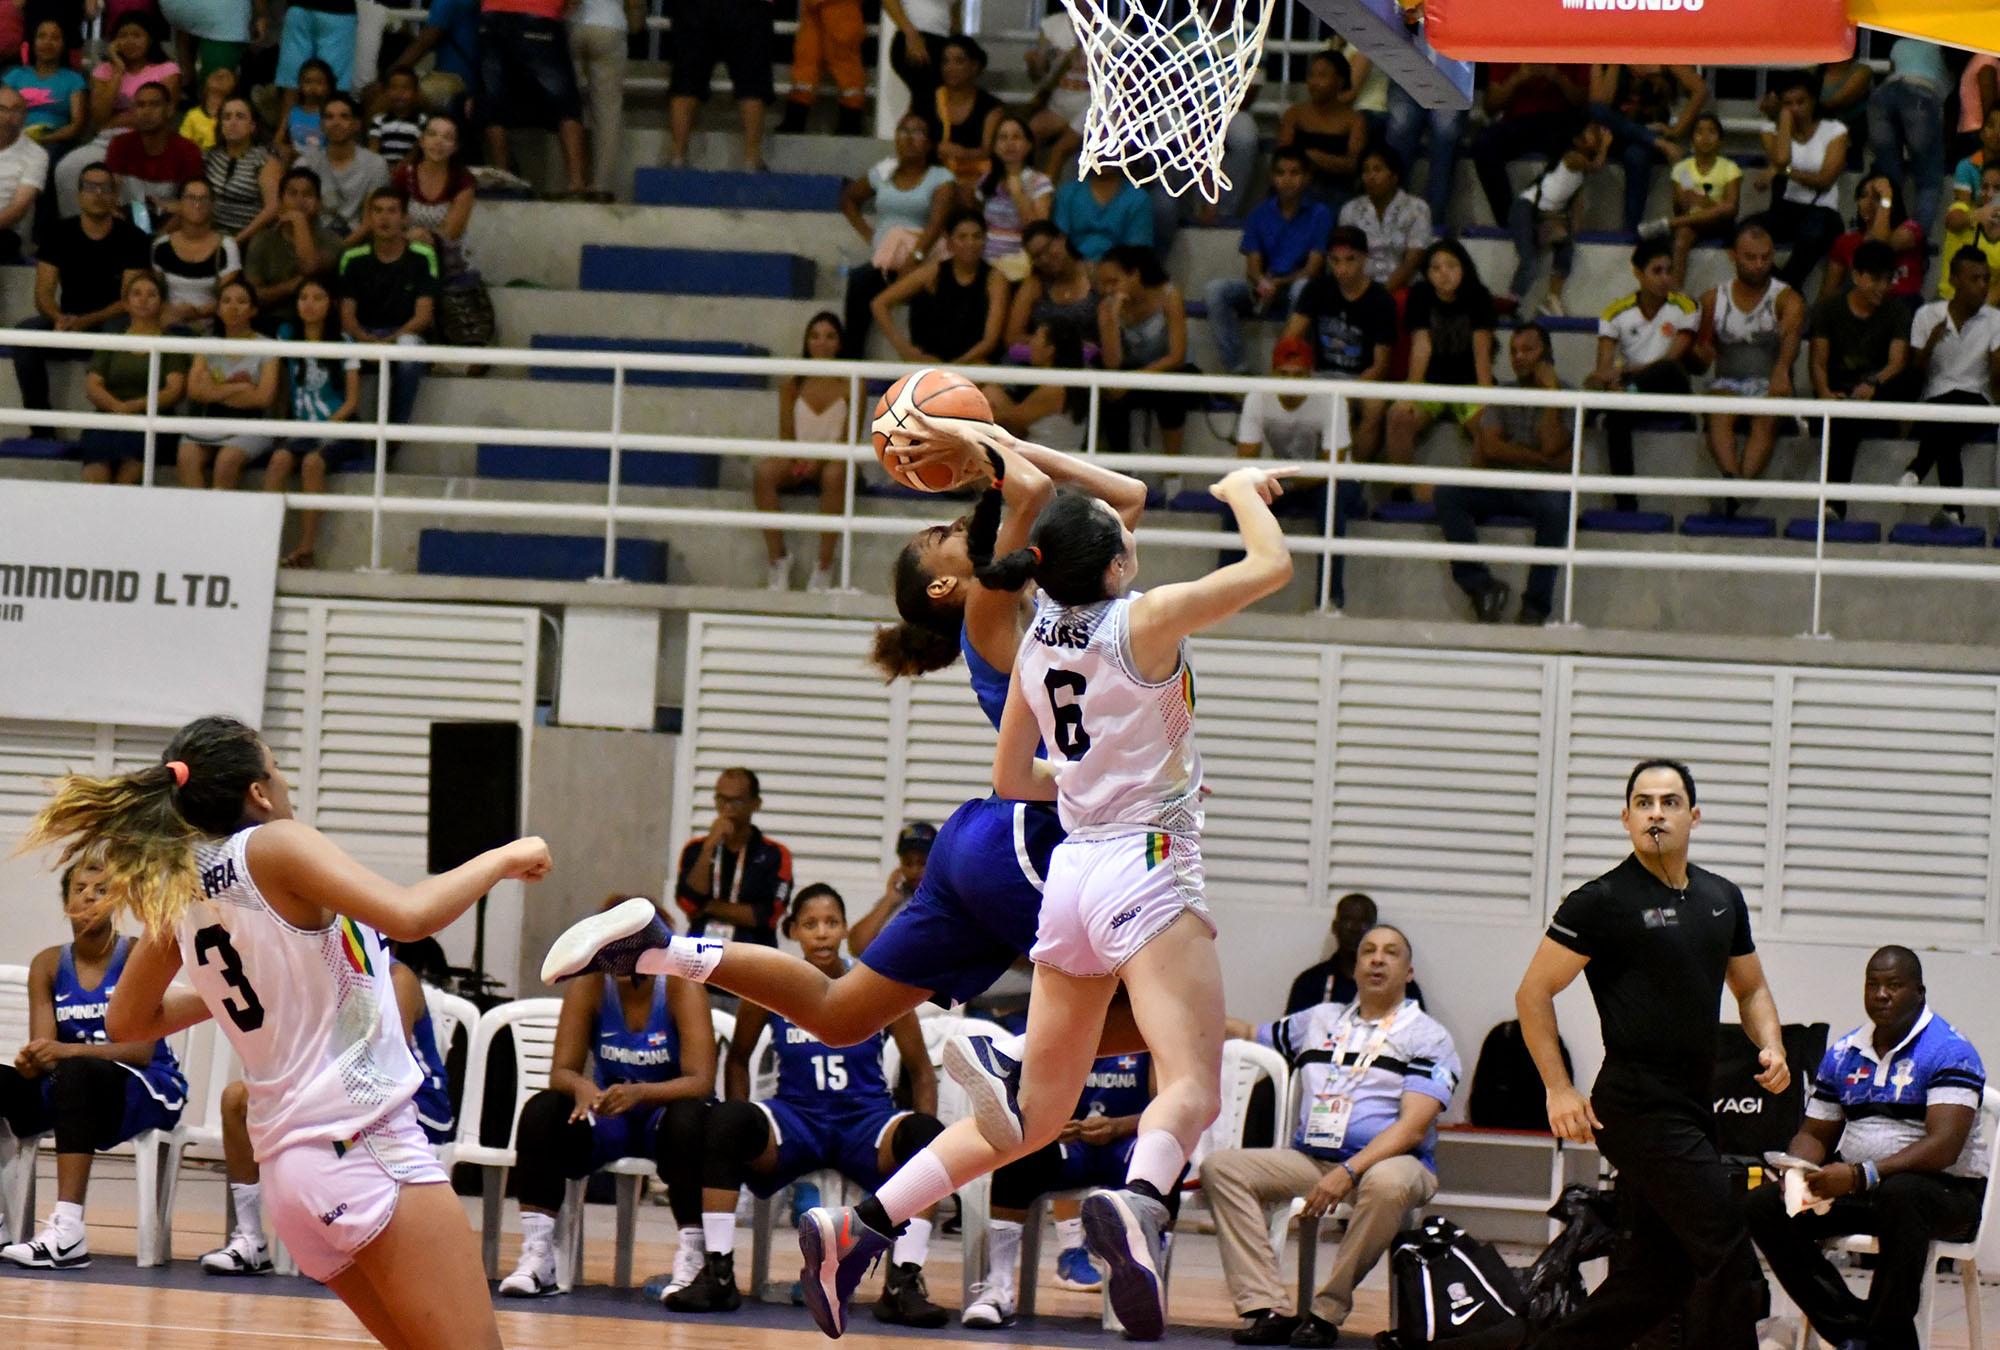 Baloncesto femenino pierde invicto; voleibol queda eliminado